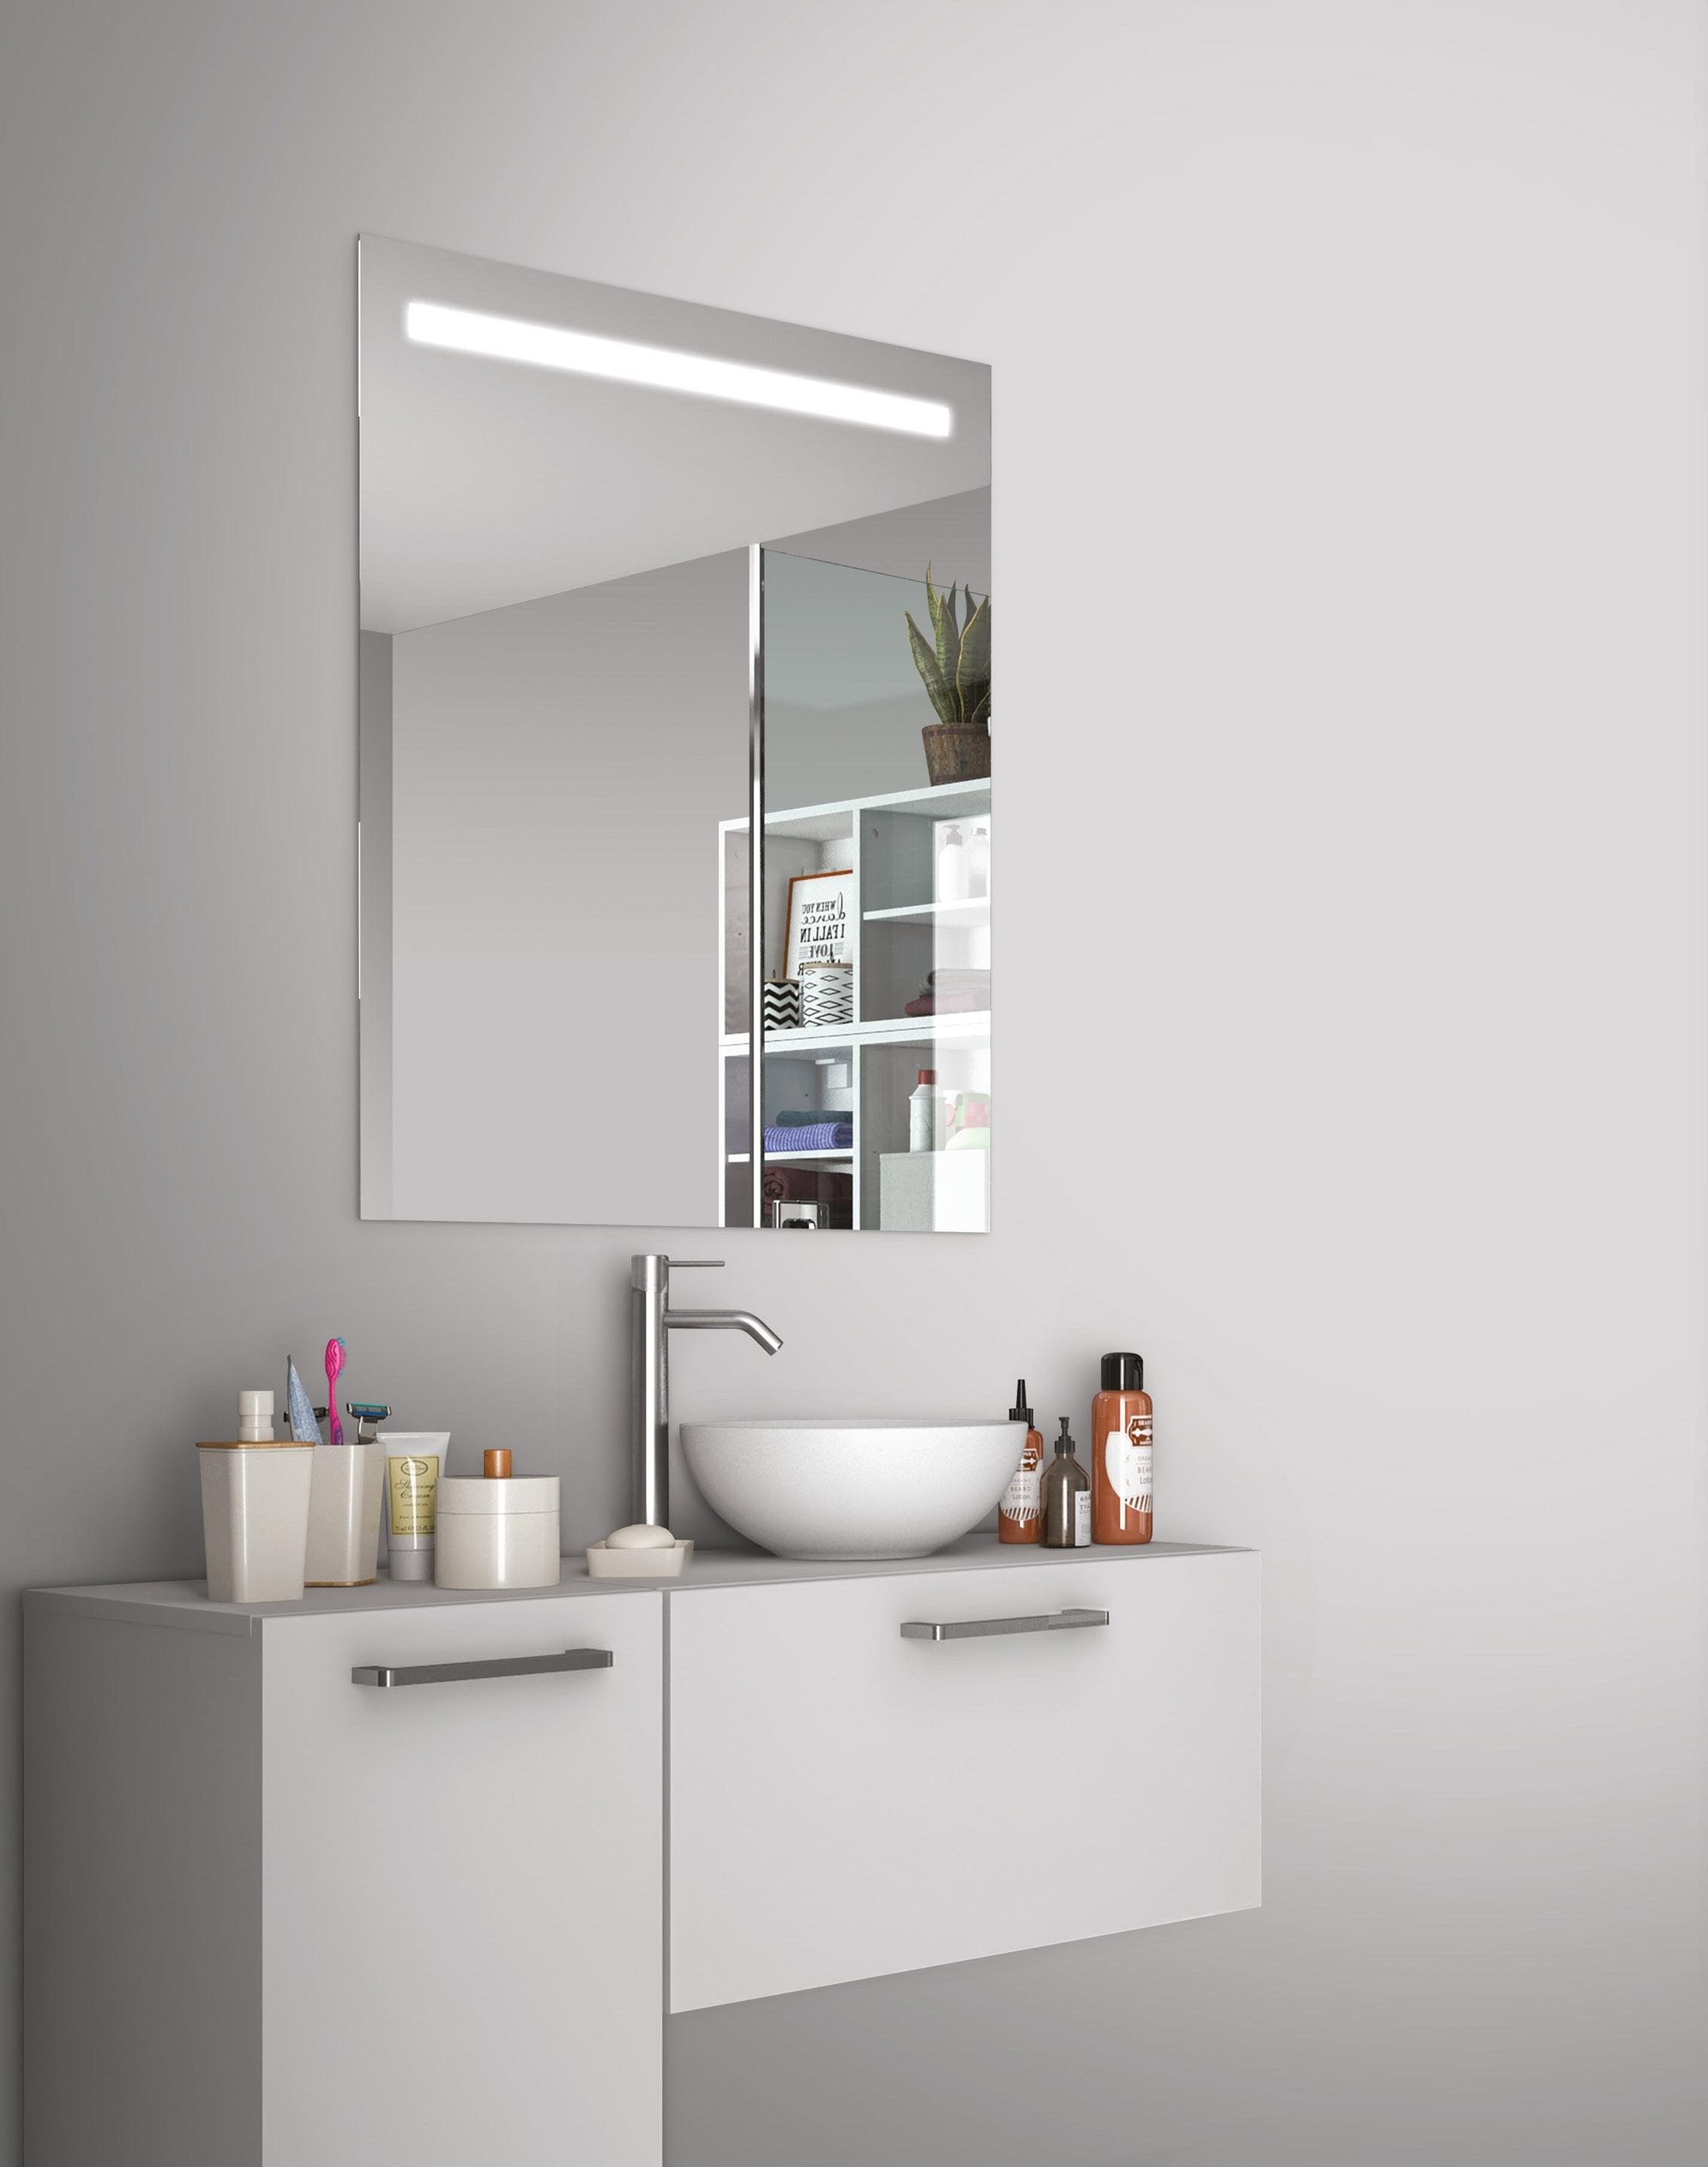 Miroir lumineux avec éclairage intégré, l.60 x H.70 cm Essential